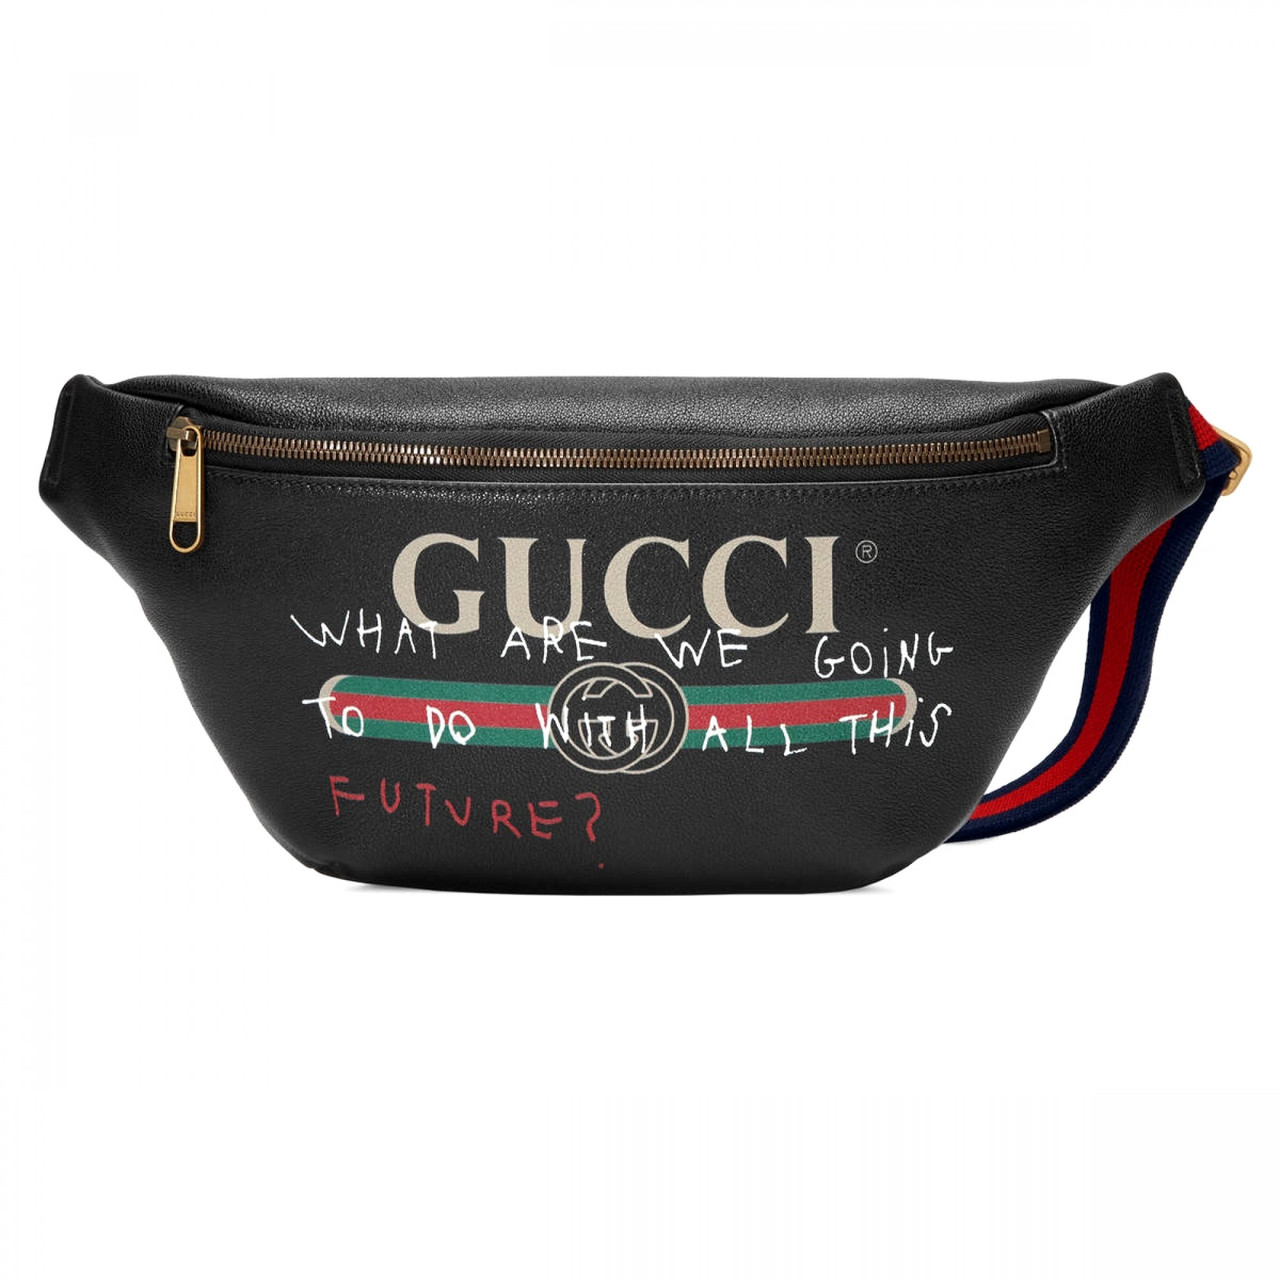 7b16d658646e Сумка на пояс бананка брендовая Gucci черная мужская женская копия высокого  качества - AMARKET - Интернет